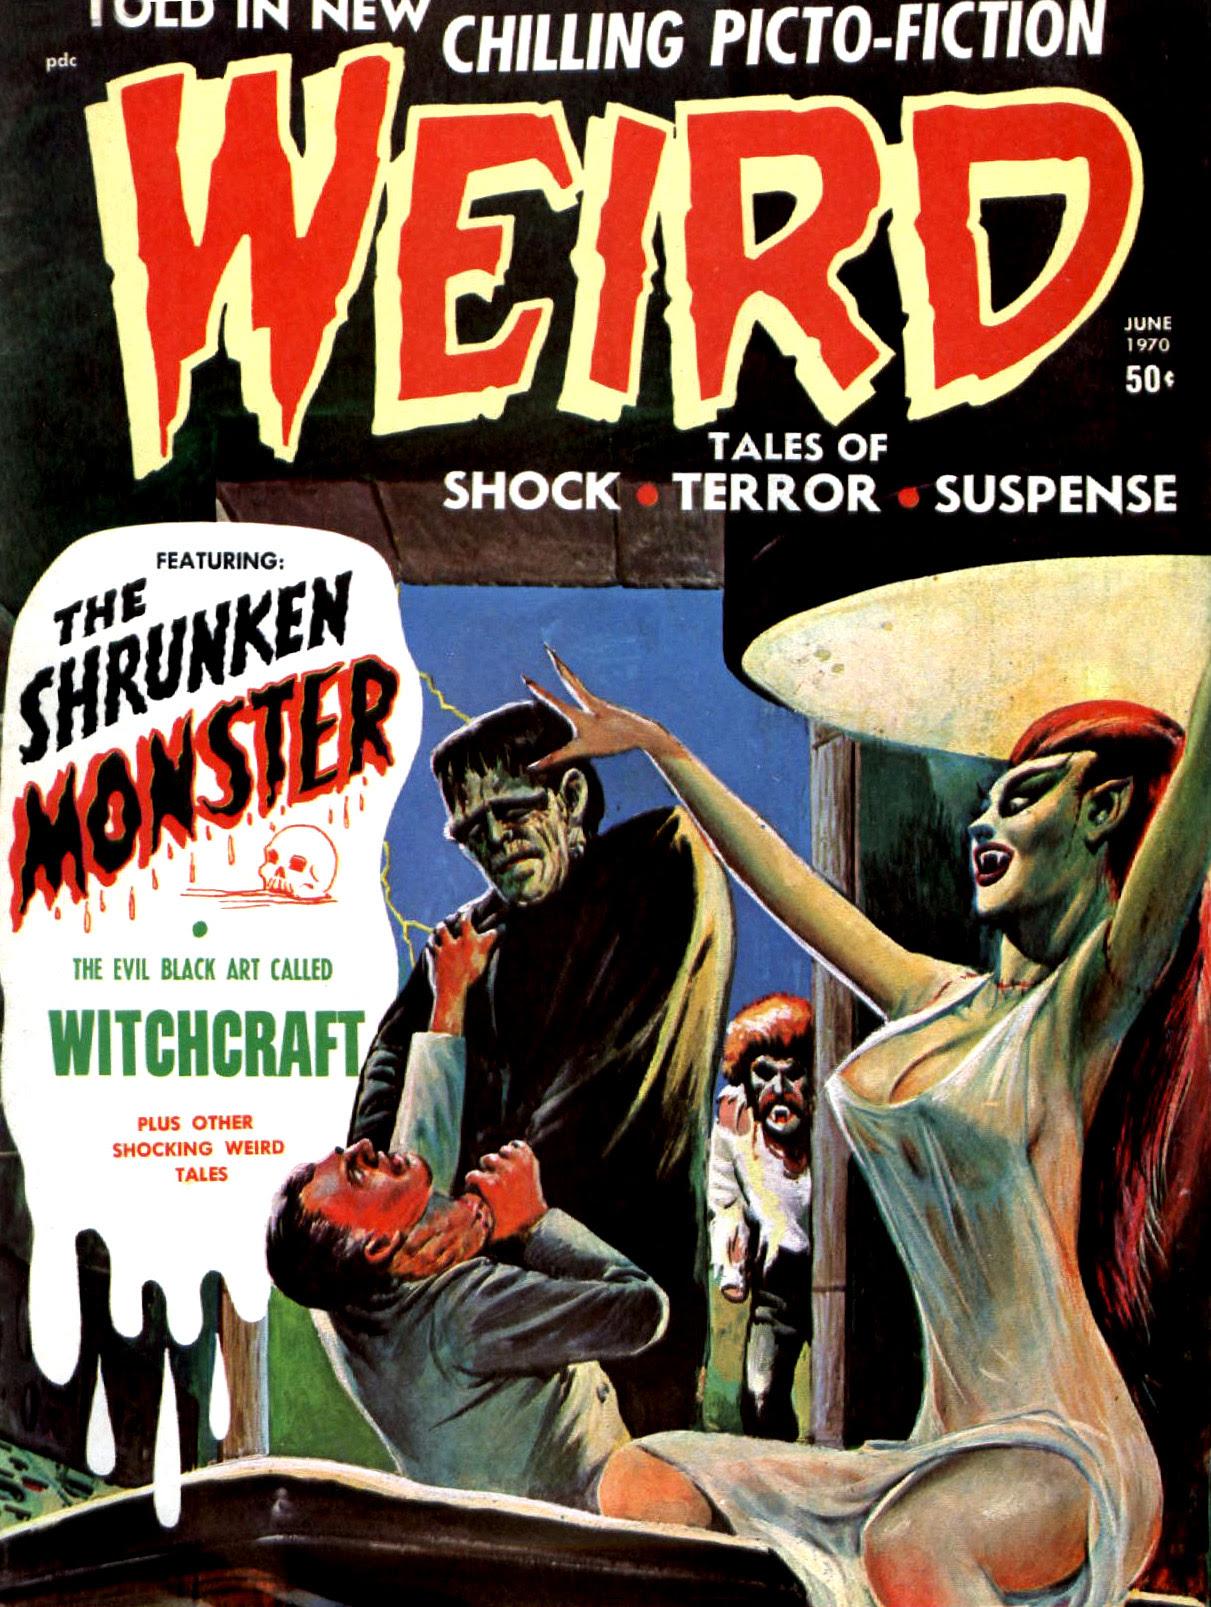 Weird Vol. 4 #3 (Eerie Publications, 1970)